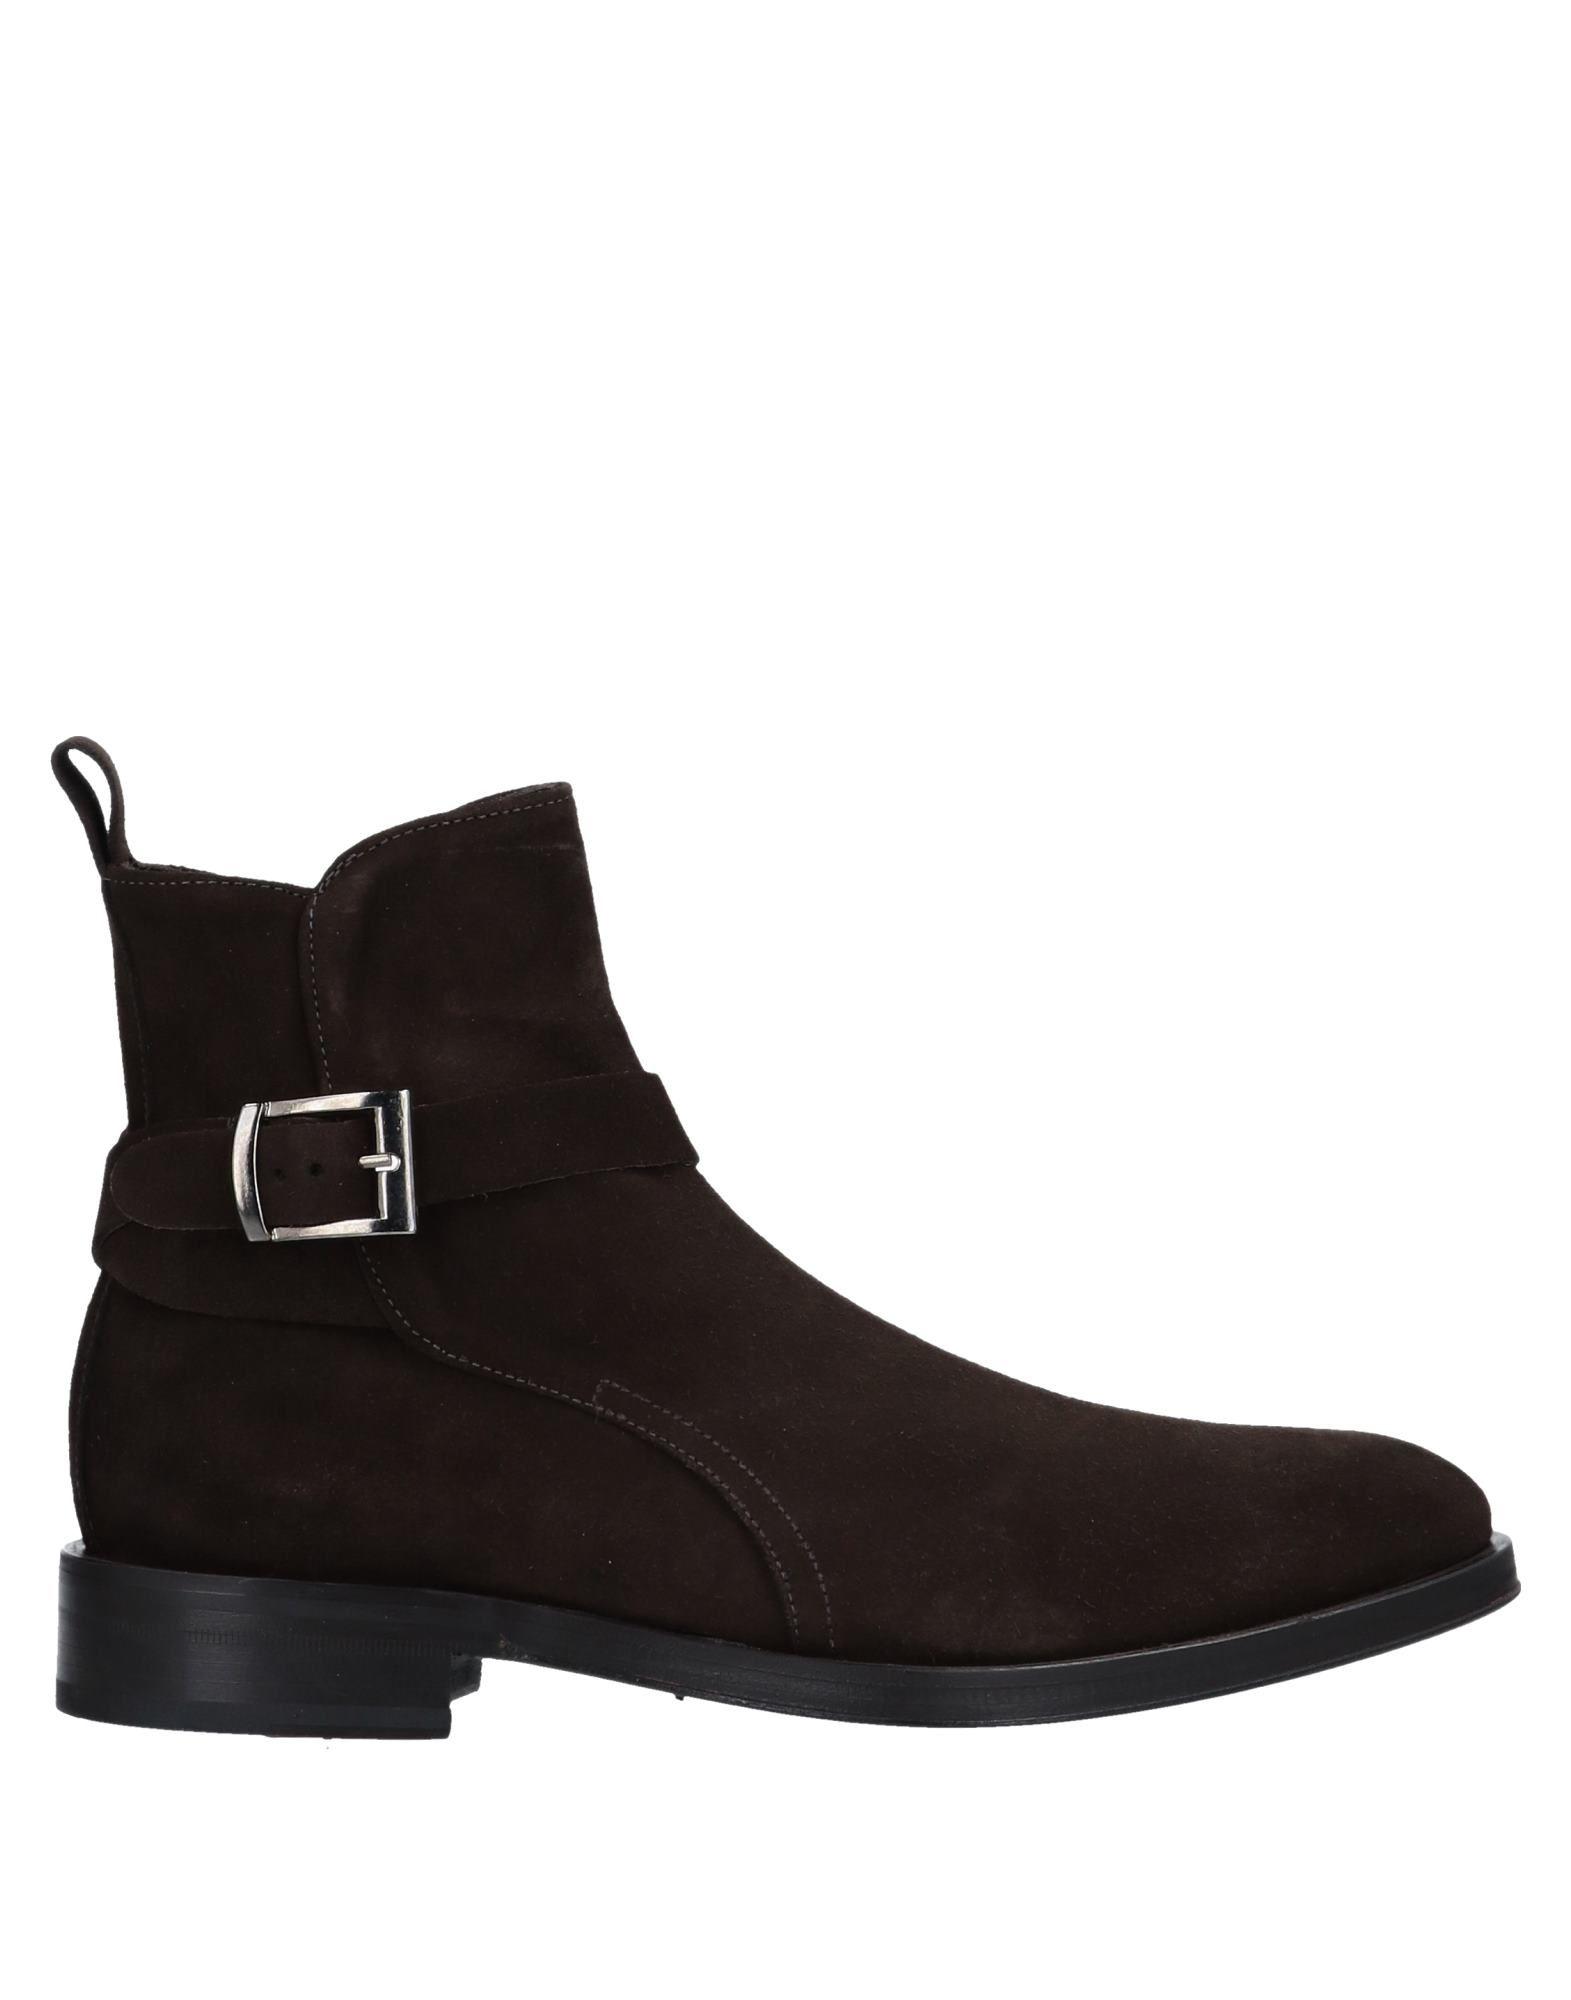 SAVIO BARBATO Boots in Dark Brown